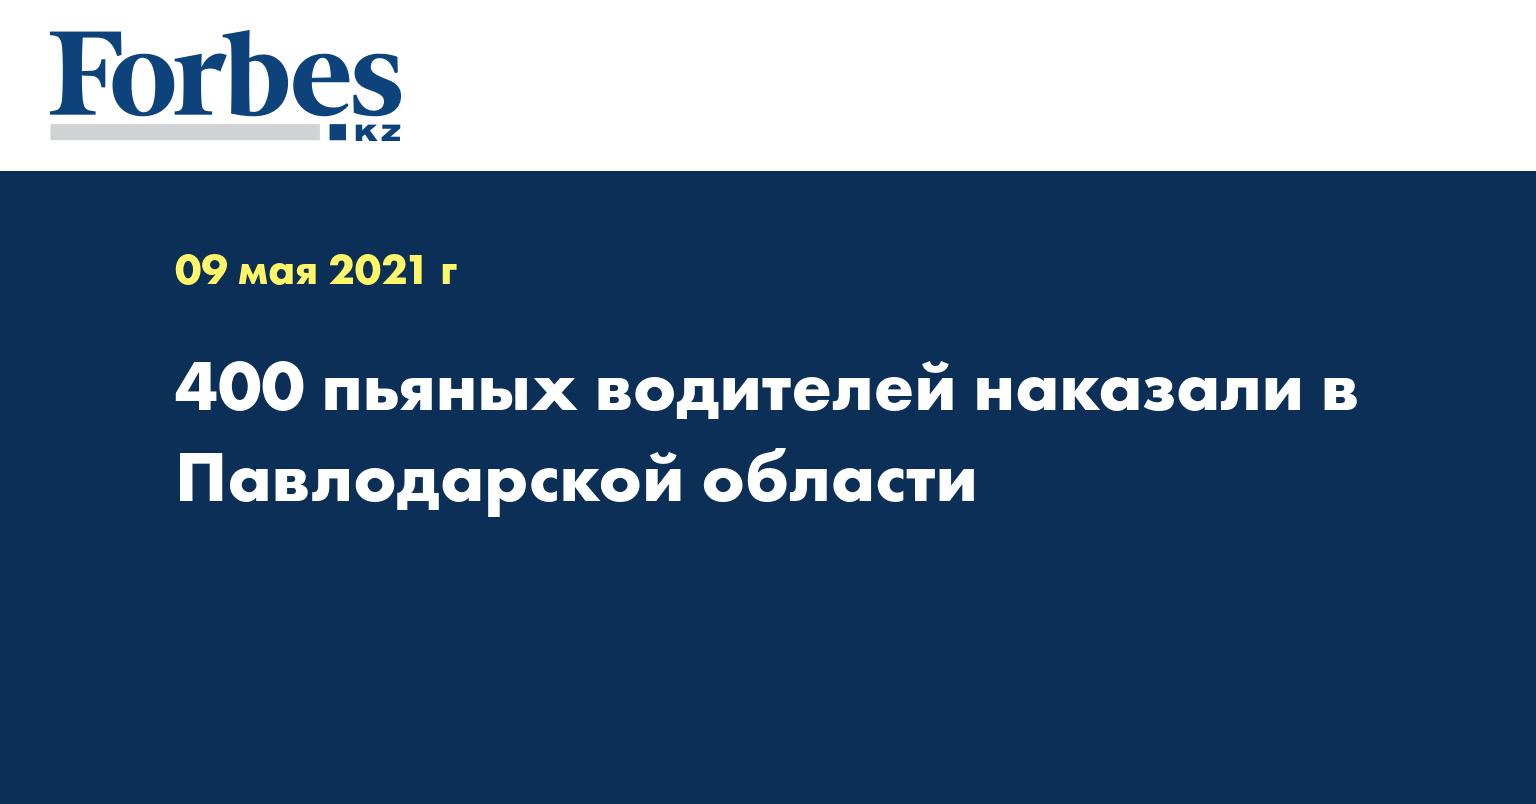 400 пьяных водителей наказали в Павлодарской области